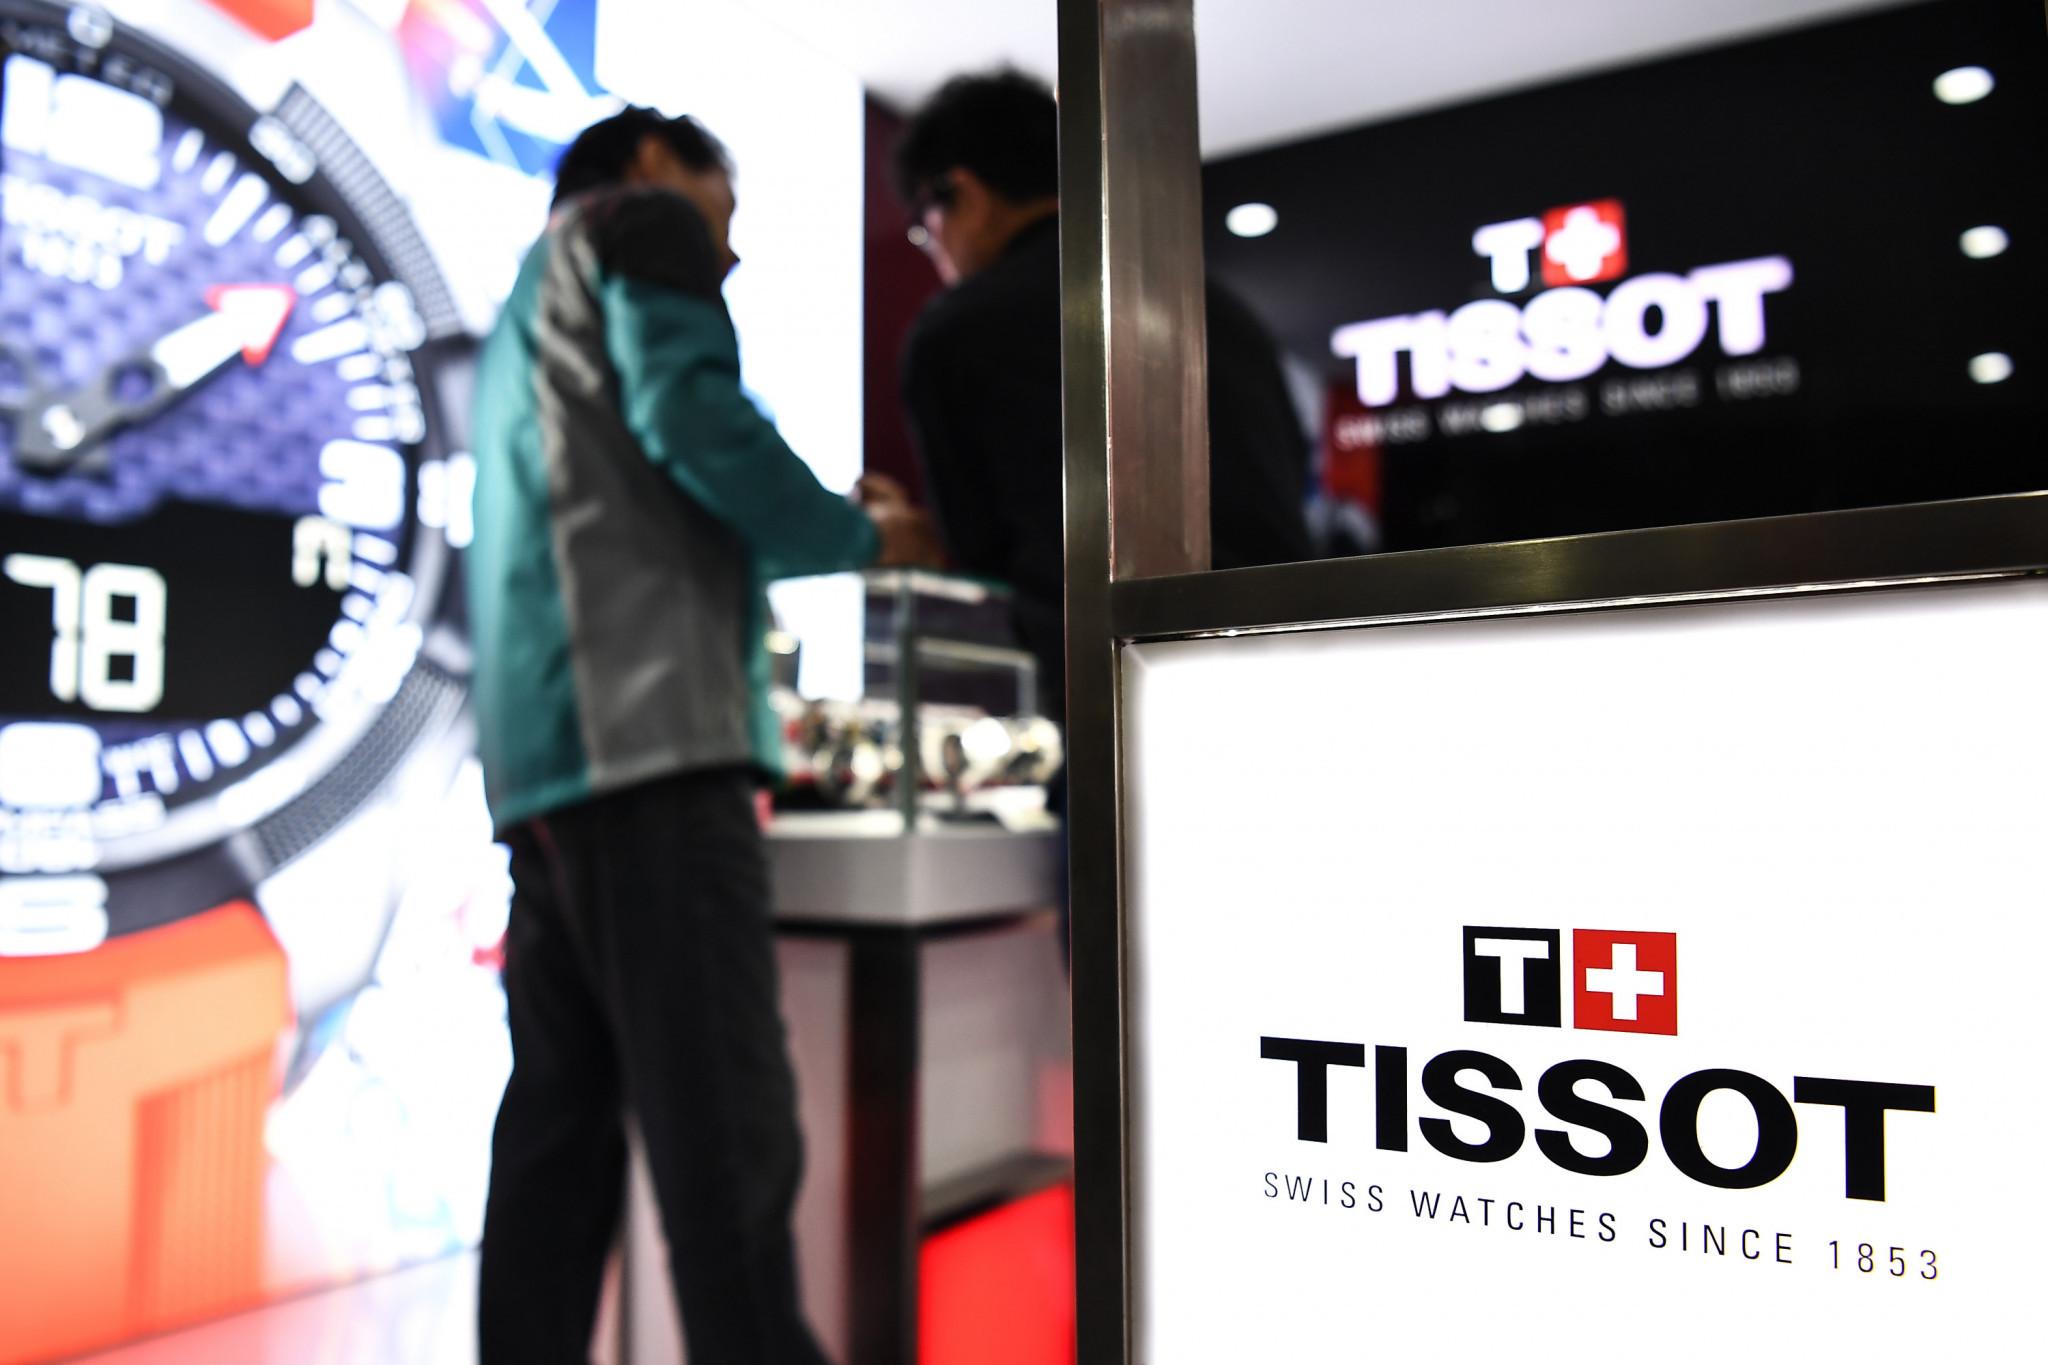 Tissot named gold partner for Lucerne 2021 Winter Universiade